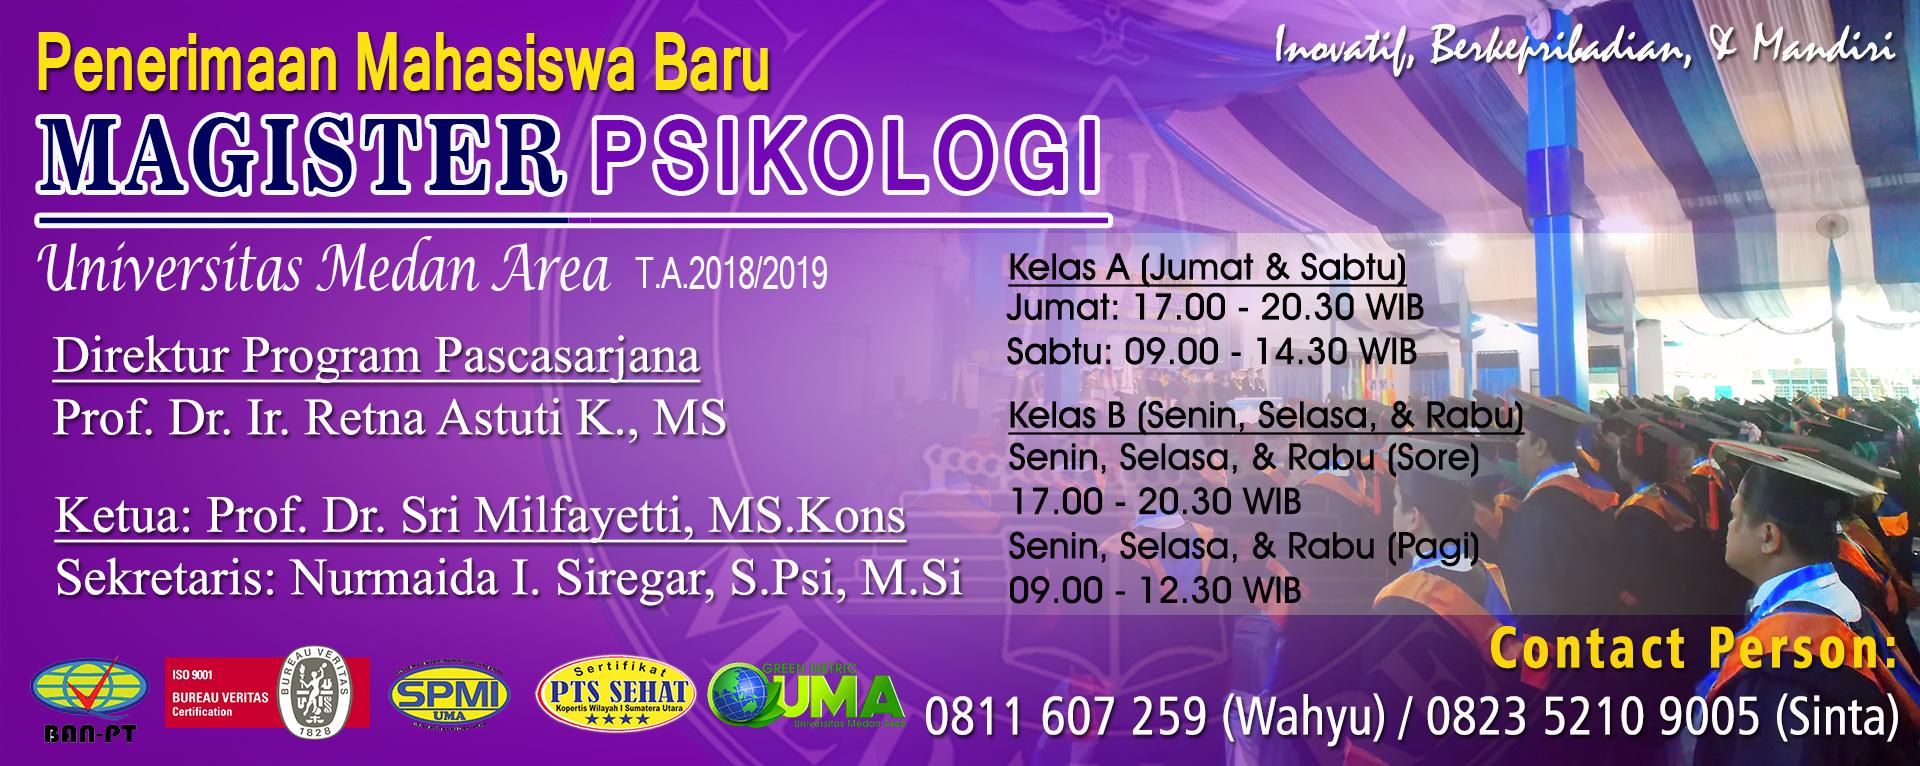 Penerimaan Mahasiswa Baru MPSI TA 2018/2019